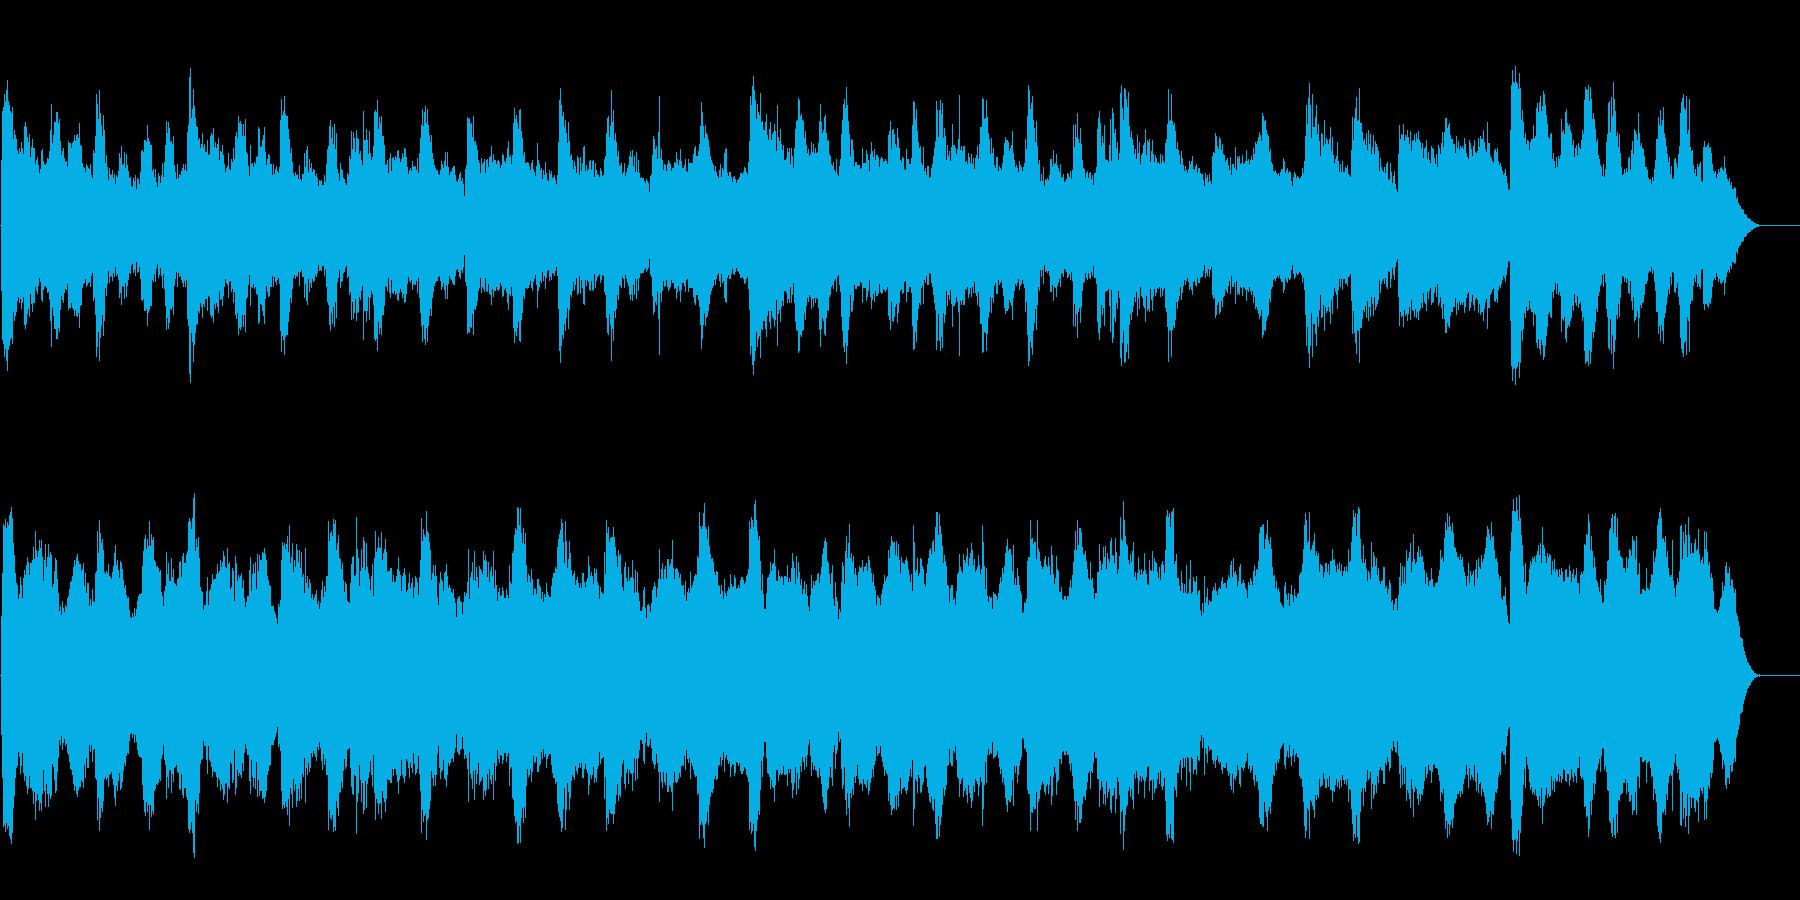 恐怖感のあるサスペンス風マイナーサウンドの再生済みの波形